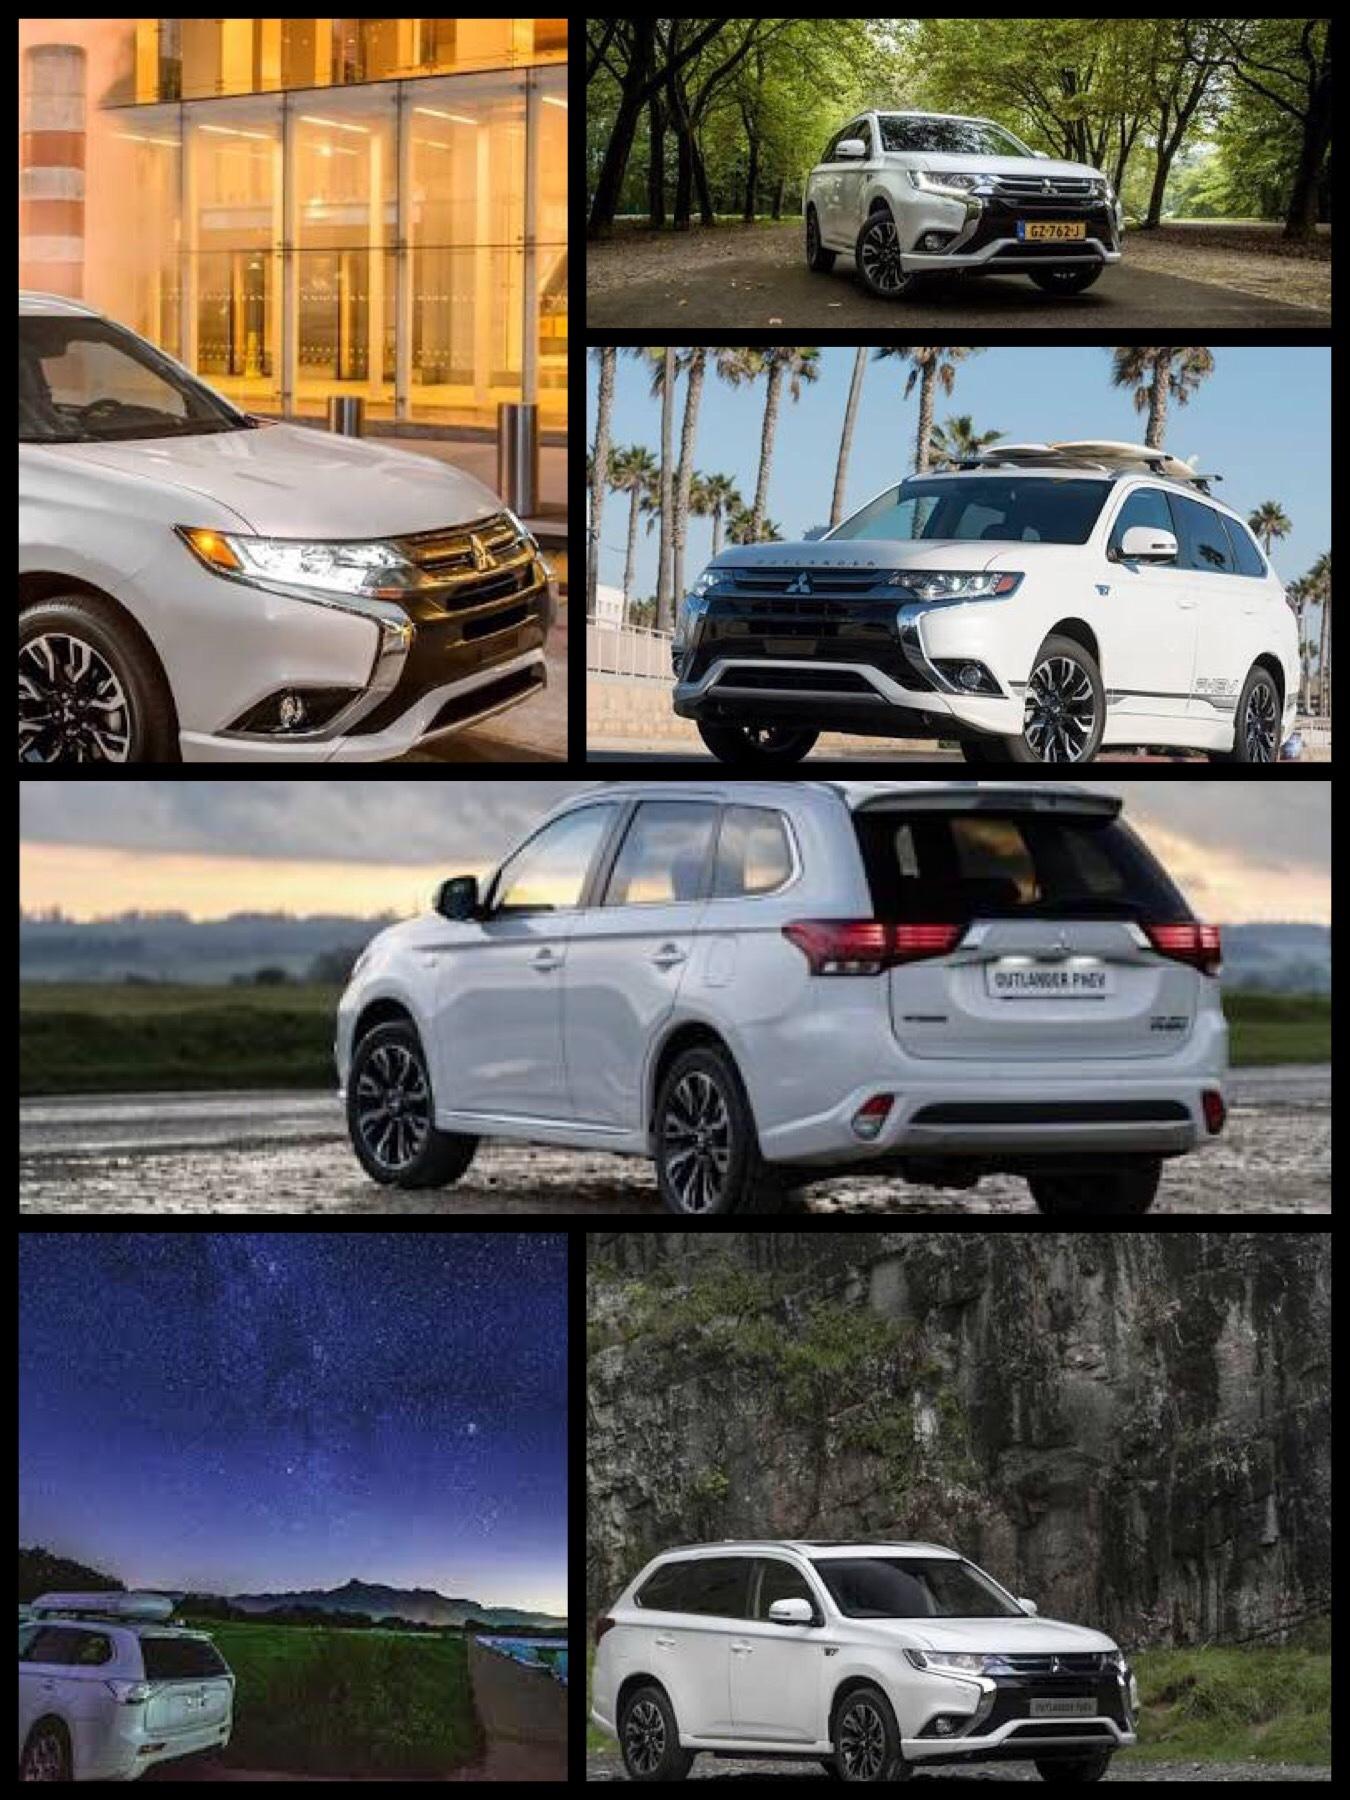 世界のアウトランダーPHEV global Mitsubishi Outlander phev